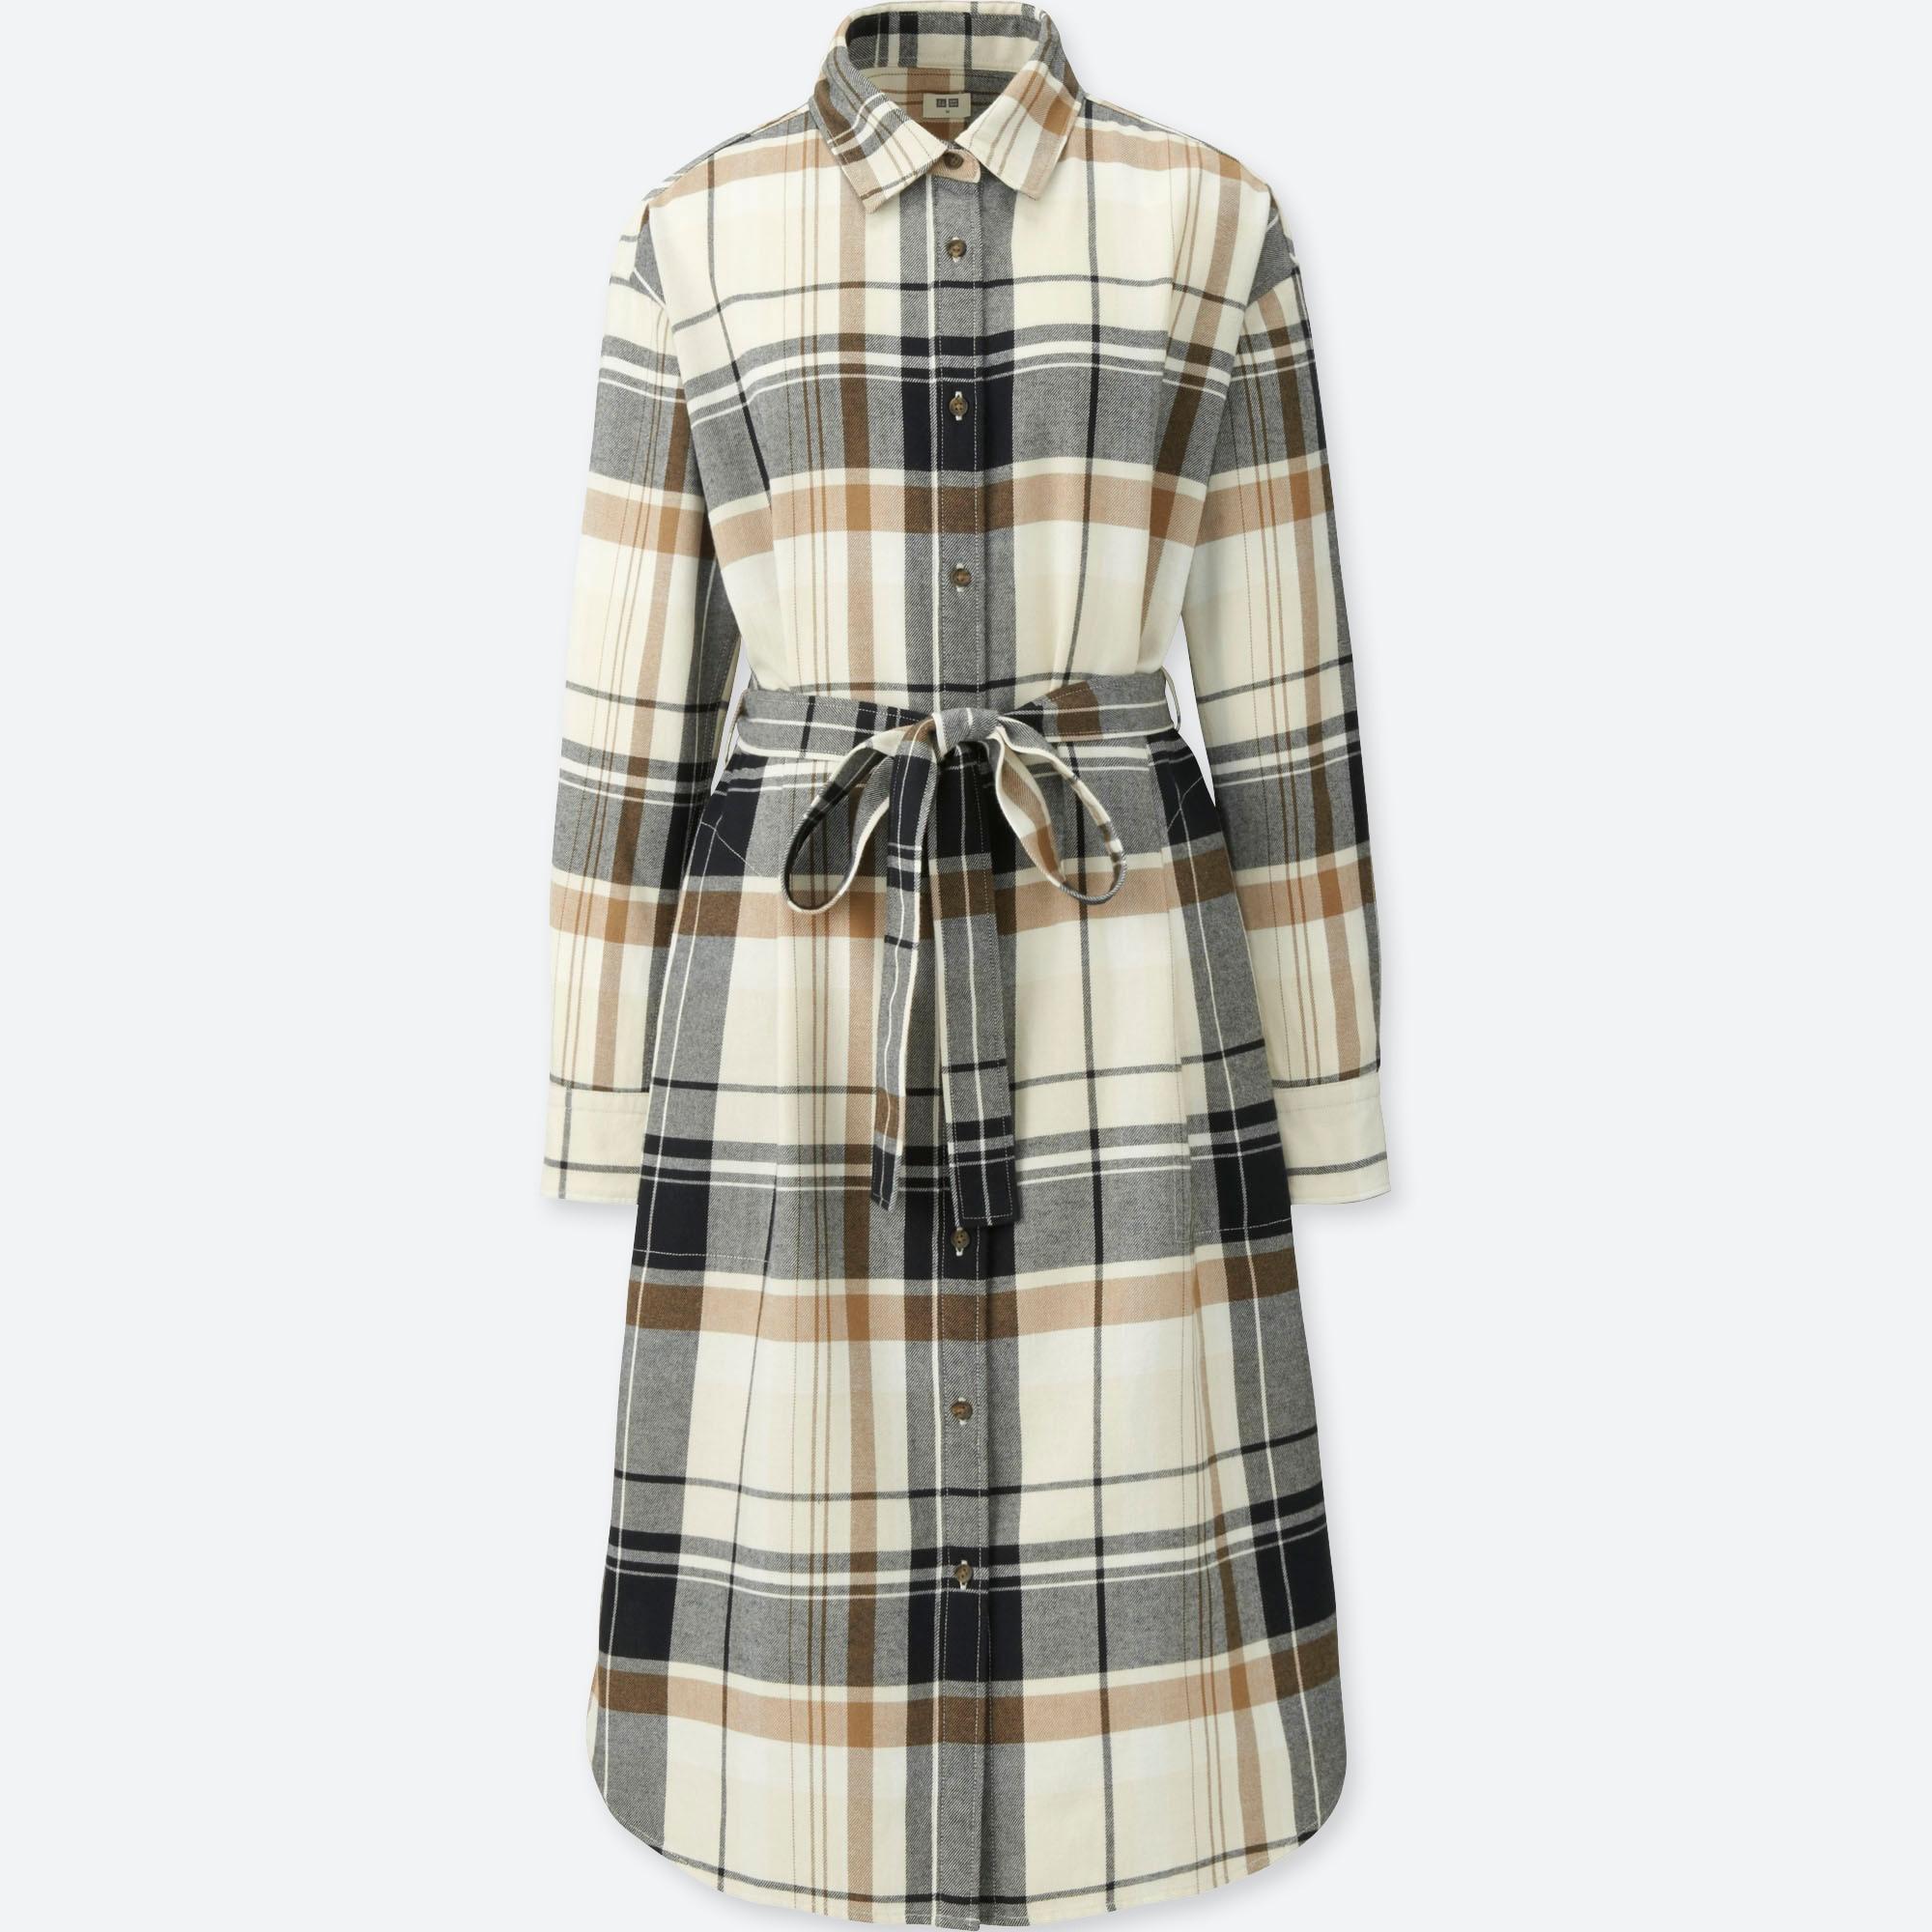 WOMEN FLANNEL LONG-SLEEVE SHIRT DRESS